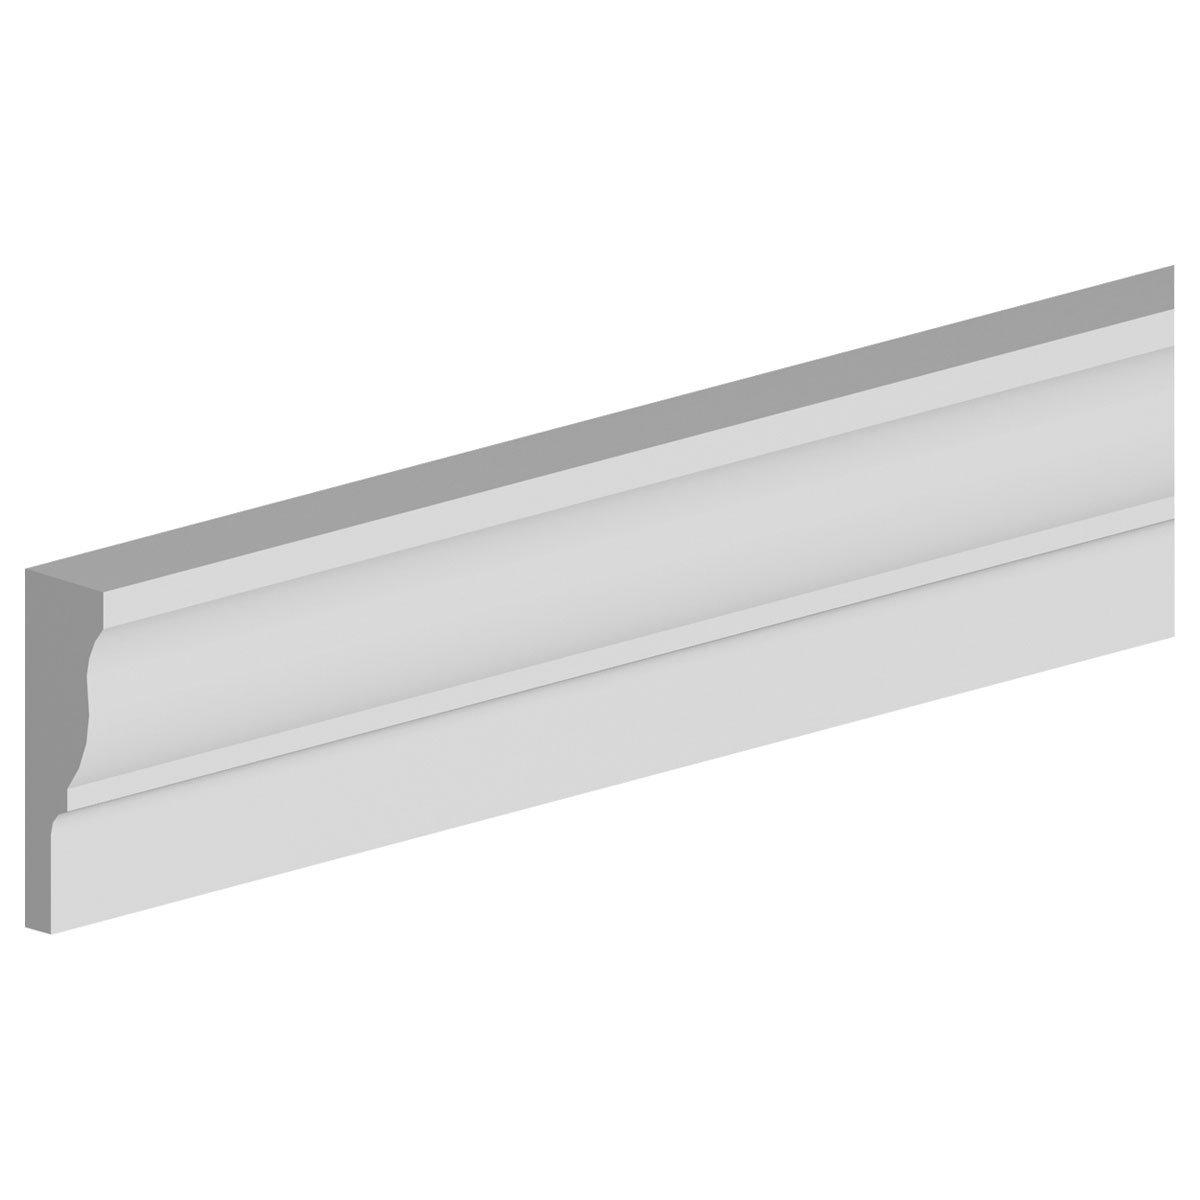 9 3/4''H x 3''P, 16' Length, Door/Window Moulding